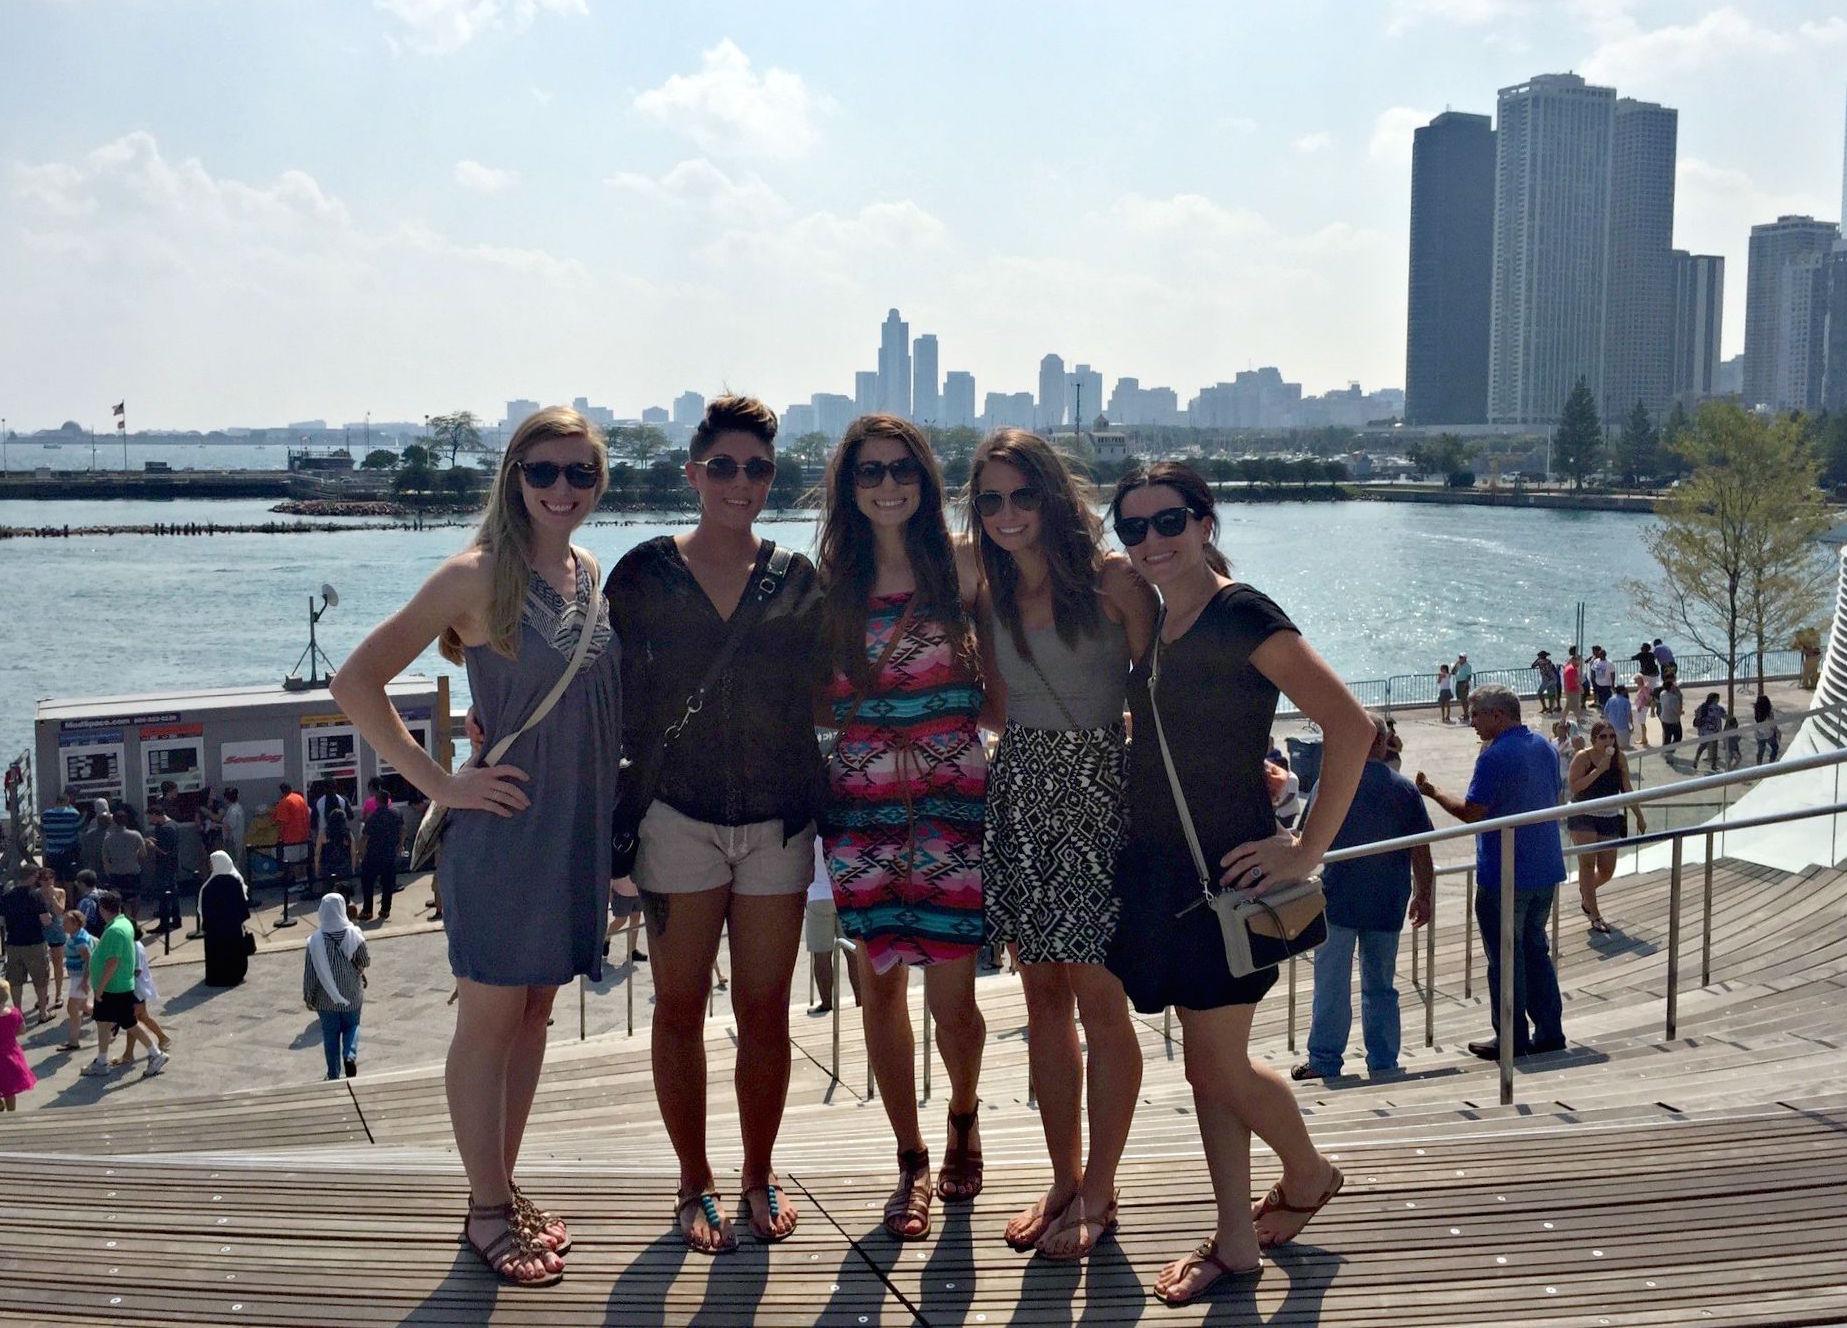 visiting navy pier